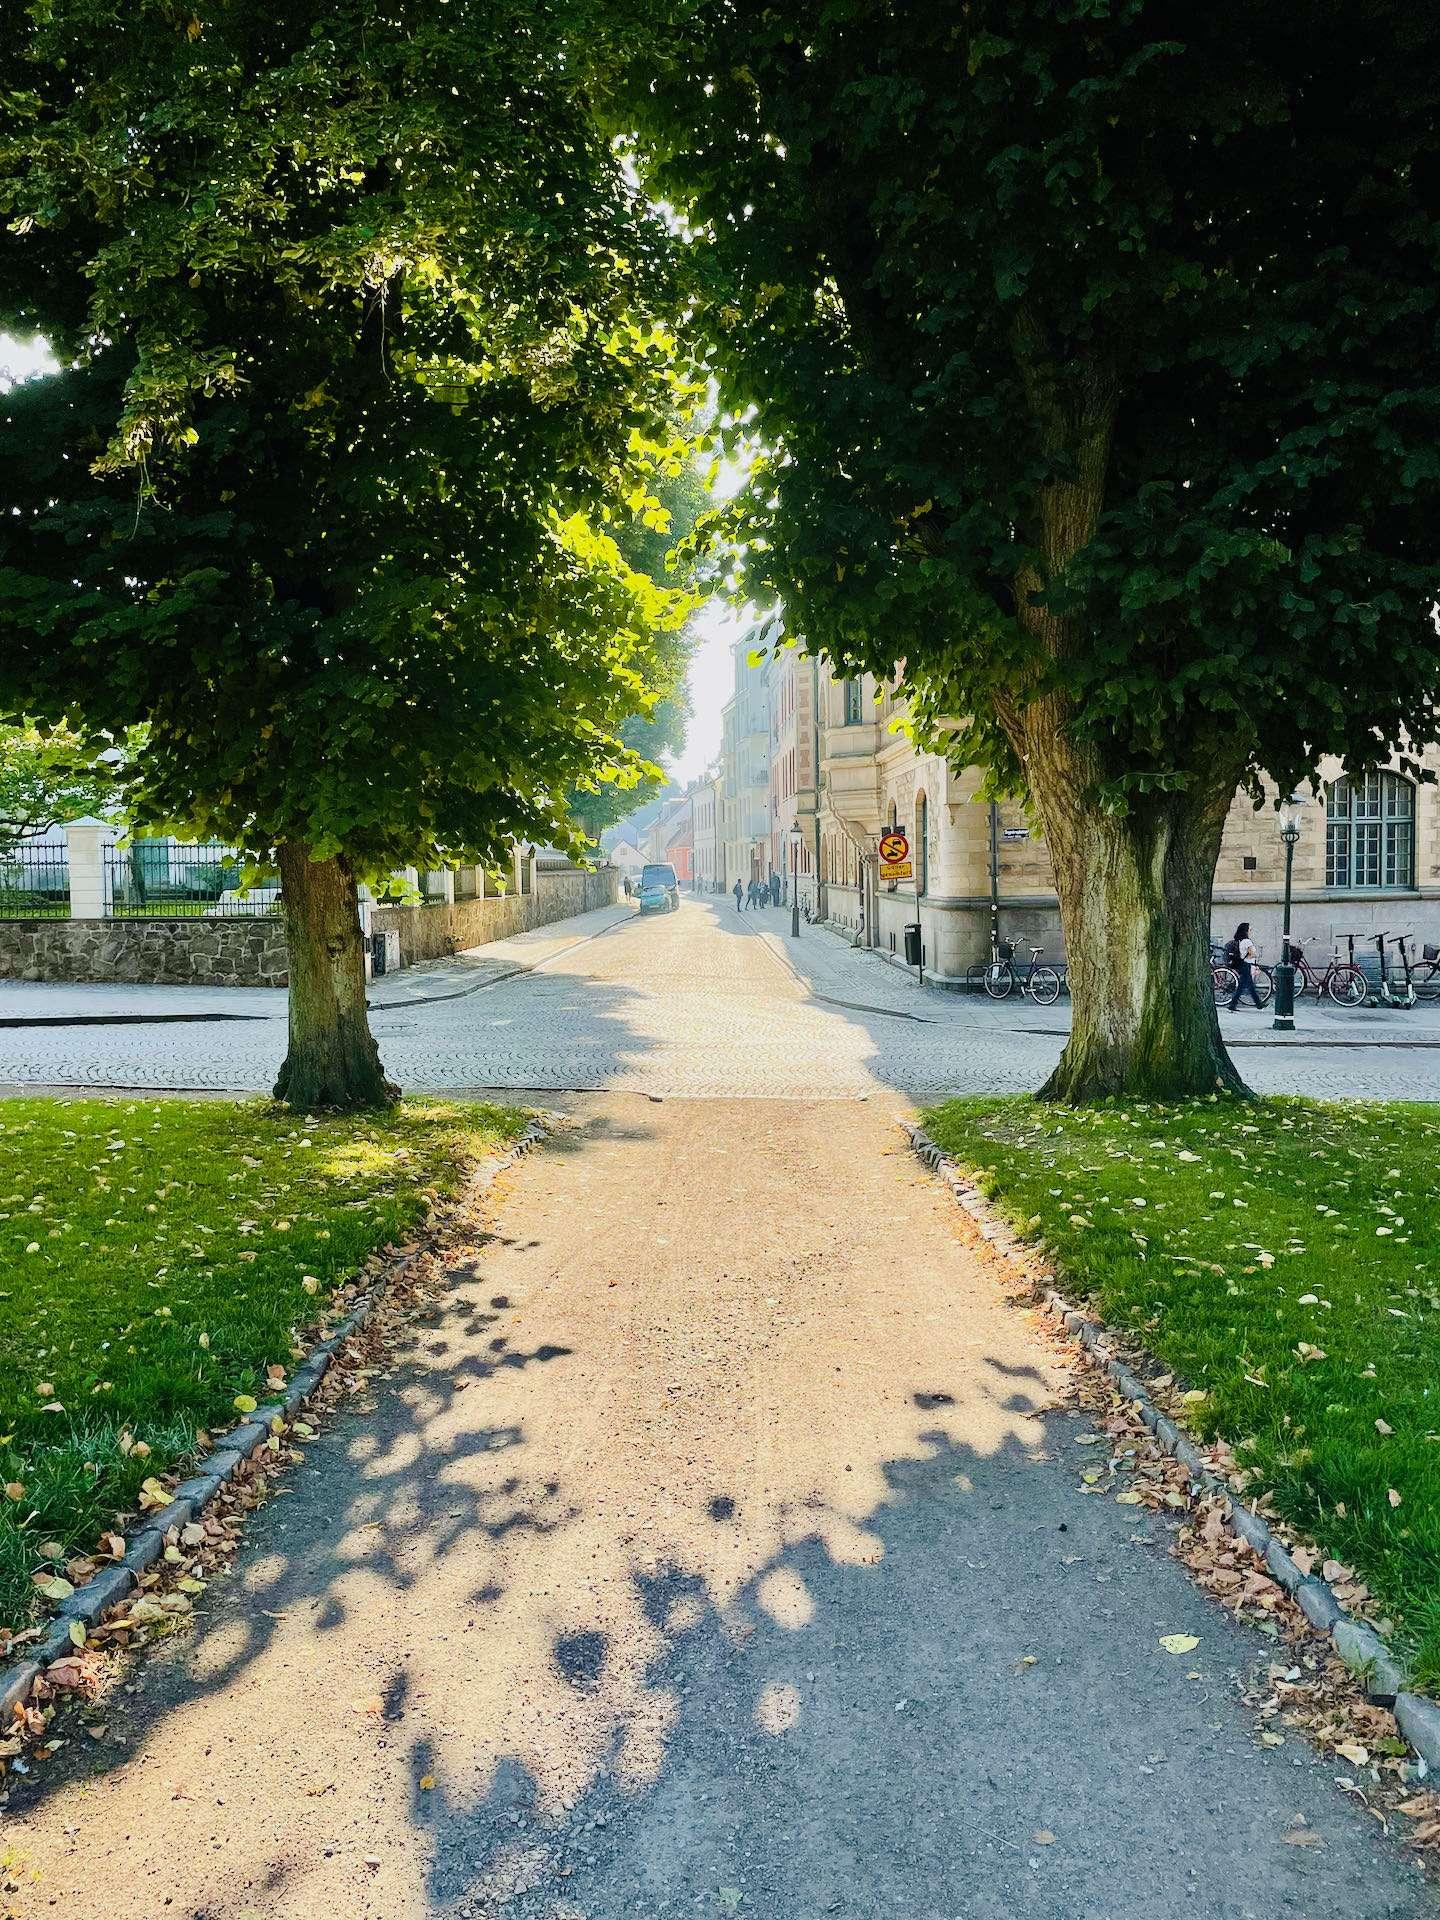 Sommarväder och sol i Lund